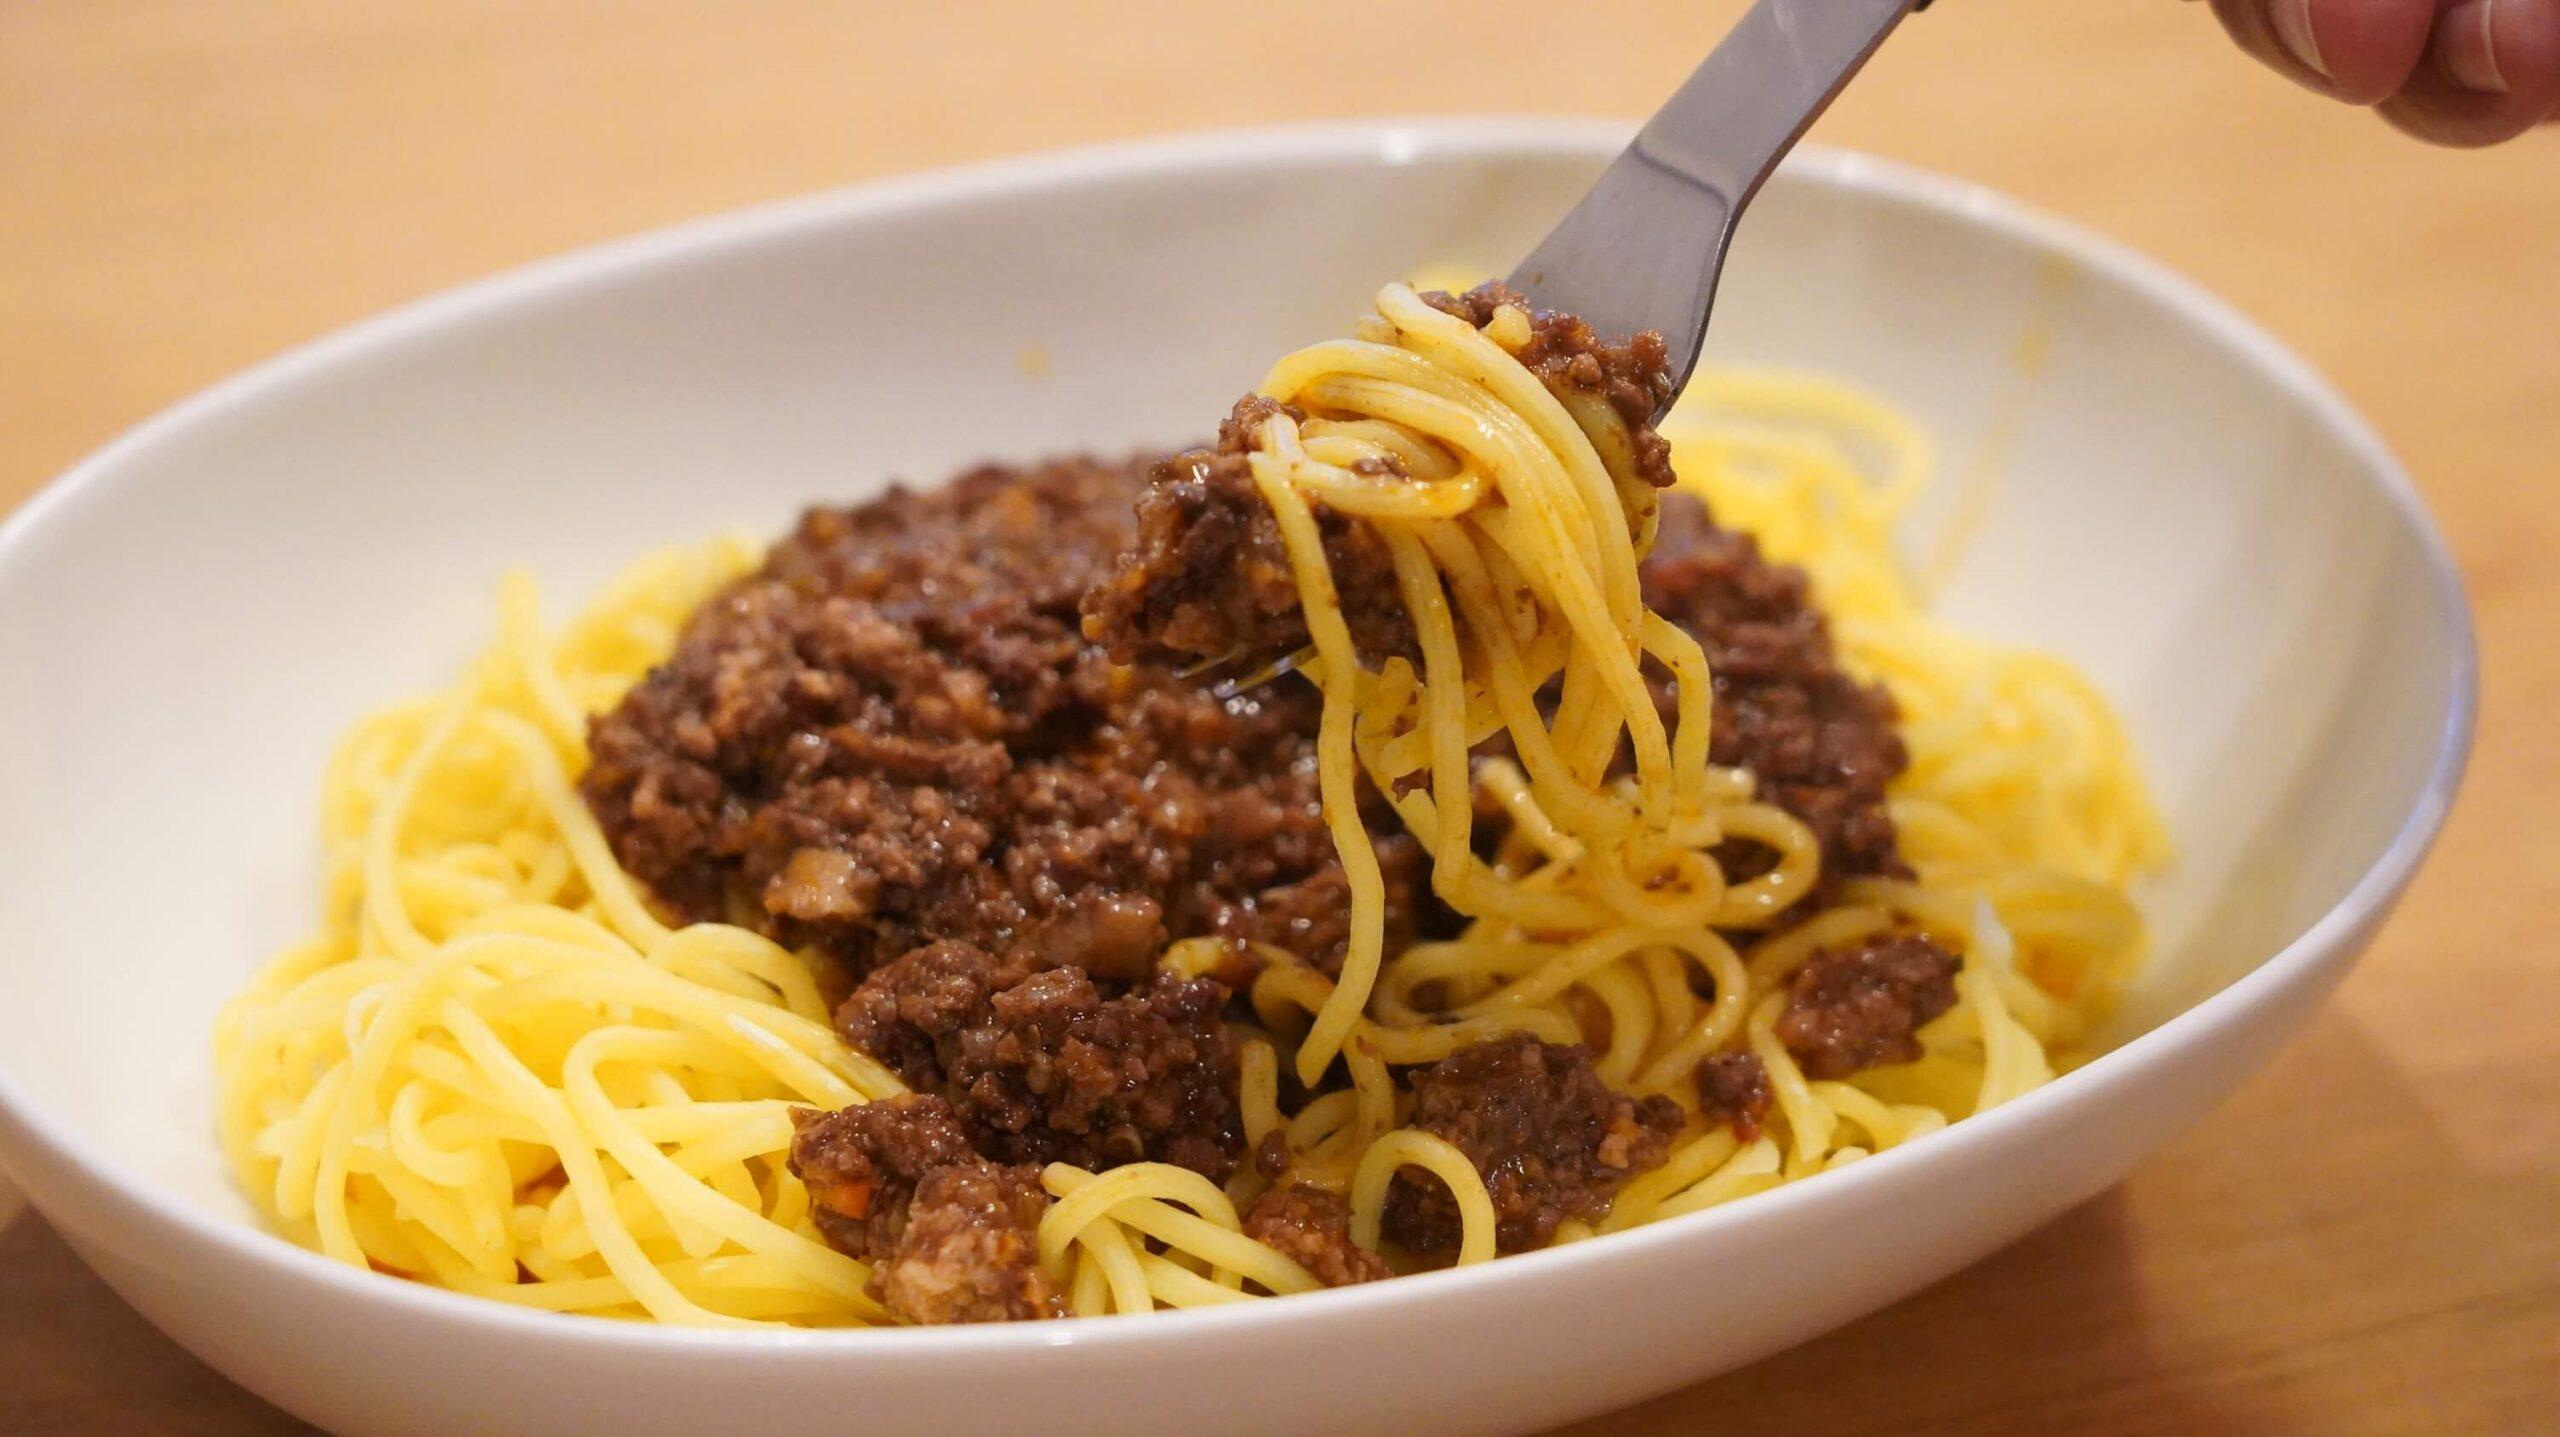 俺のイタリアンの冷凍食品「トリュフ薫るボロネーゼ」をフォークで持ち上げている写真